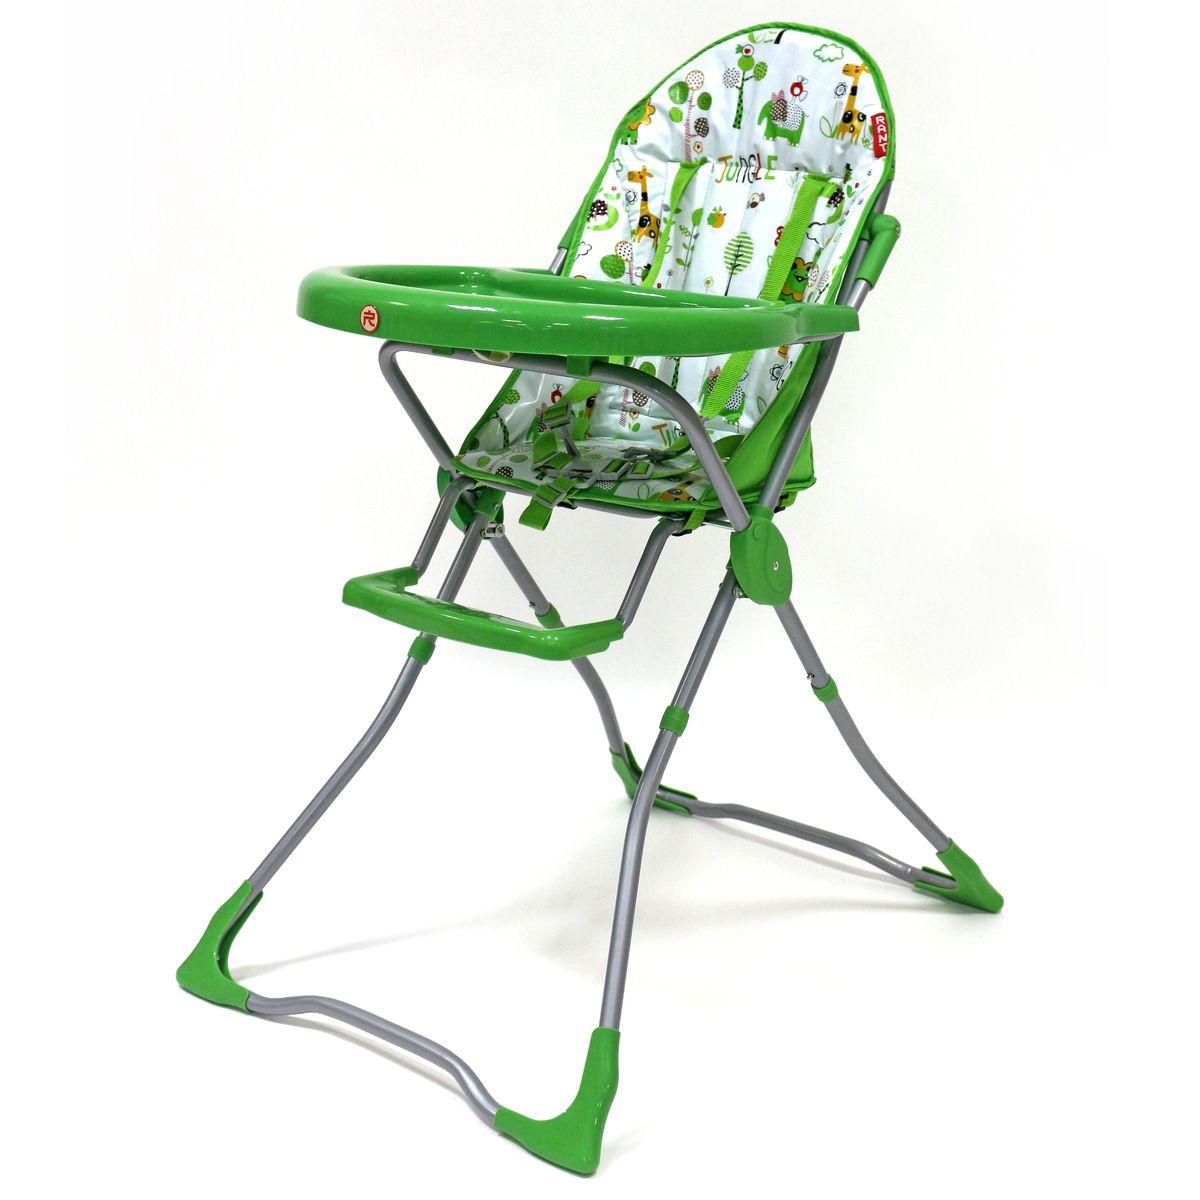 Rant Стульчик для кормления Fredo цвет зеленый4630008878088Легкий, удобный и функциональный стульчик для кормления Rant Fredo предназначен для детей от 6 месяцев до трех лет. Оснащен безопасно откидывающейся пластиковой столешницей, съемным, моющимся чехлом; пятиточечными ремнями безопасности; подставкой для ножек. Изделие не имеет острых углов. Яркая расцветка материала благотворно влияет на эмоциональное состояние ребенка. Функциональный стульчик легко складывать и удобно хранить (в сложенном виде занимает мало места).